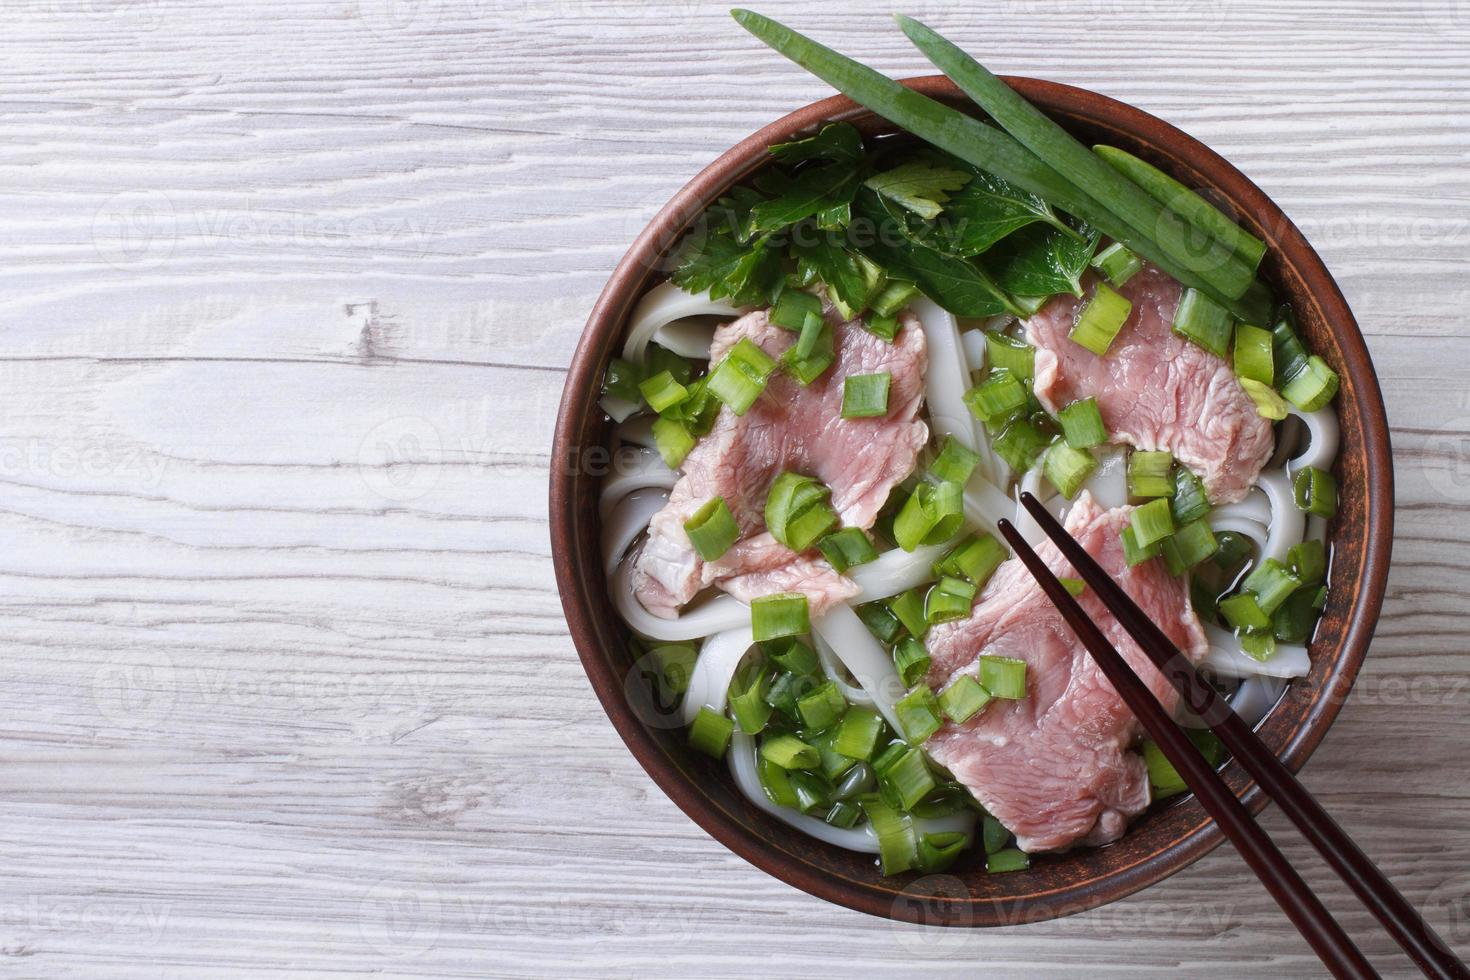 soupe pho bo vietnamienne au boeuf se bouchent. vue de dessus photo